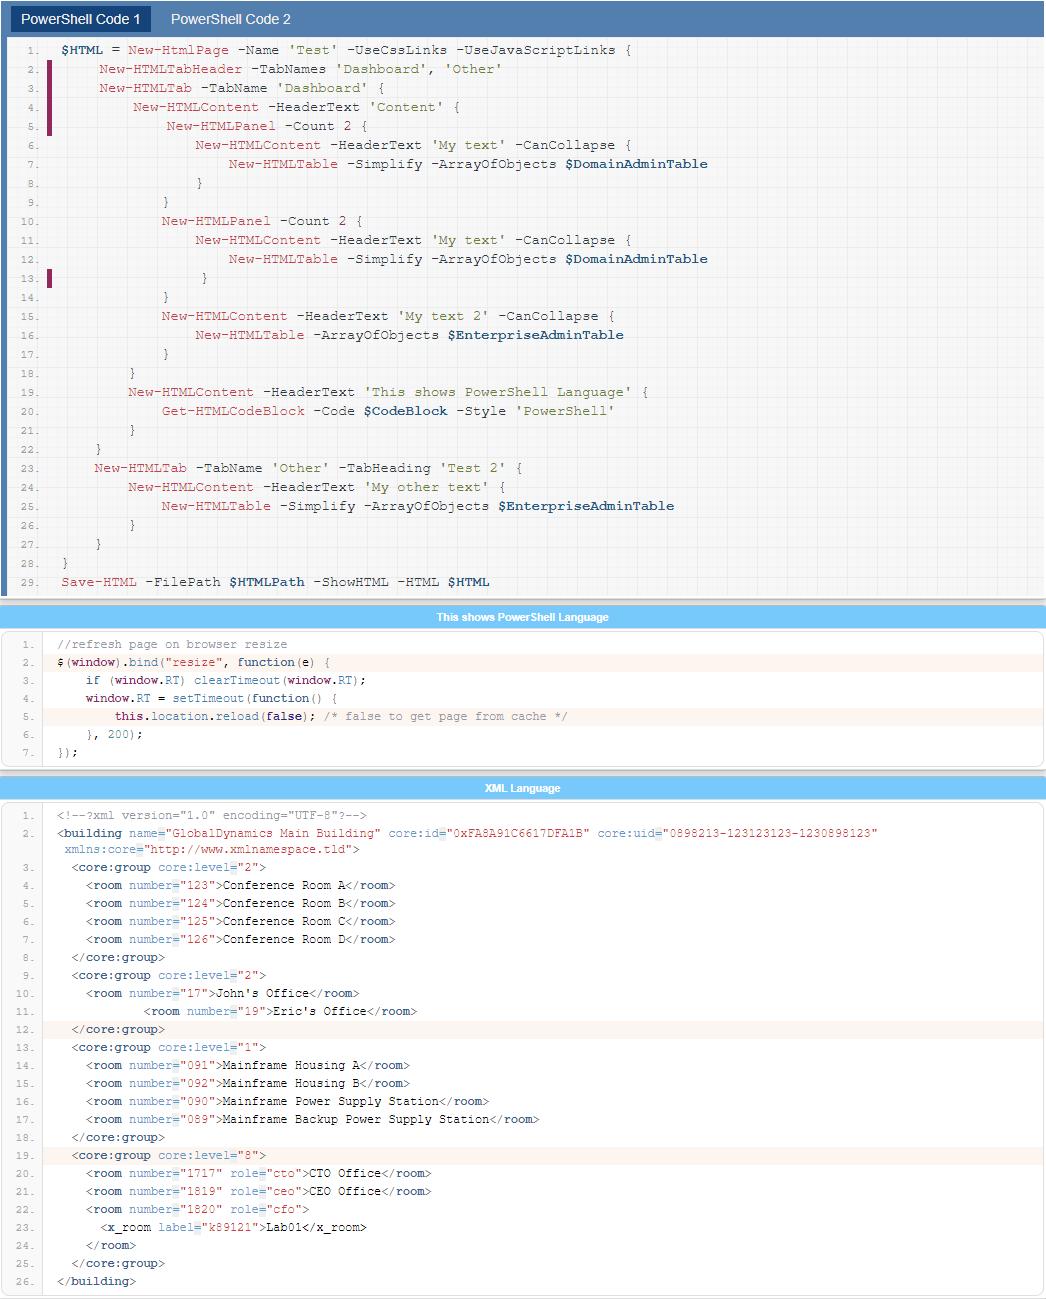 GitHub - EvotecIT/PSWriteHTML: PSWriteHTML is PowerShell module